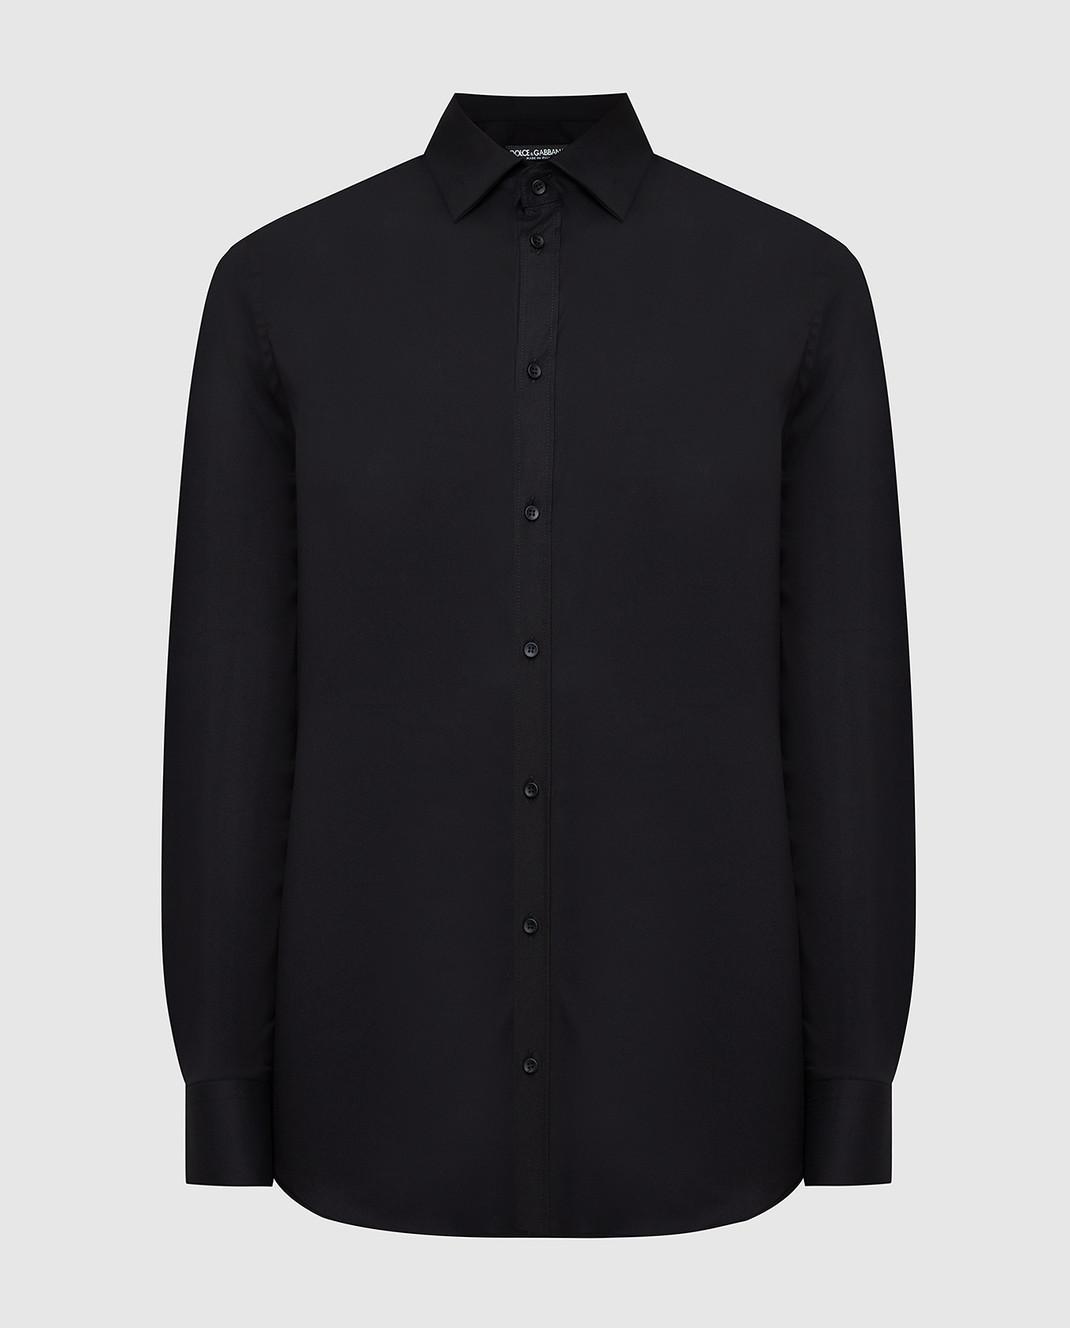 Dolce&Gabbana Черная рубашка изображение 1